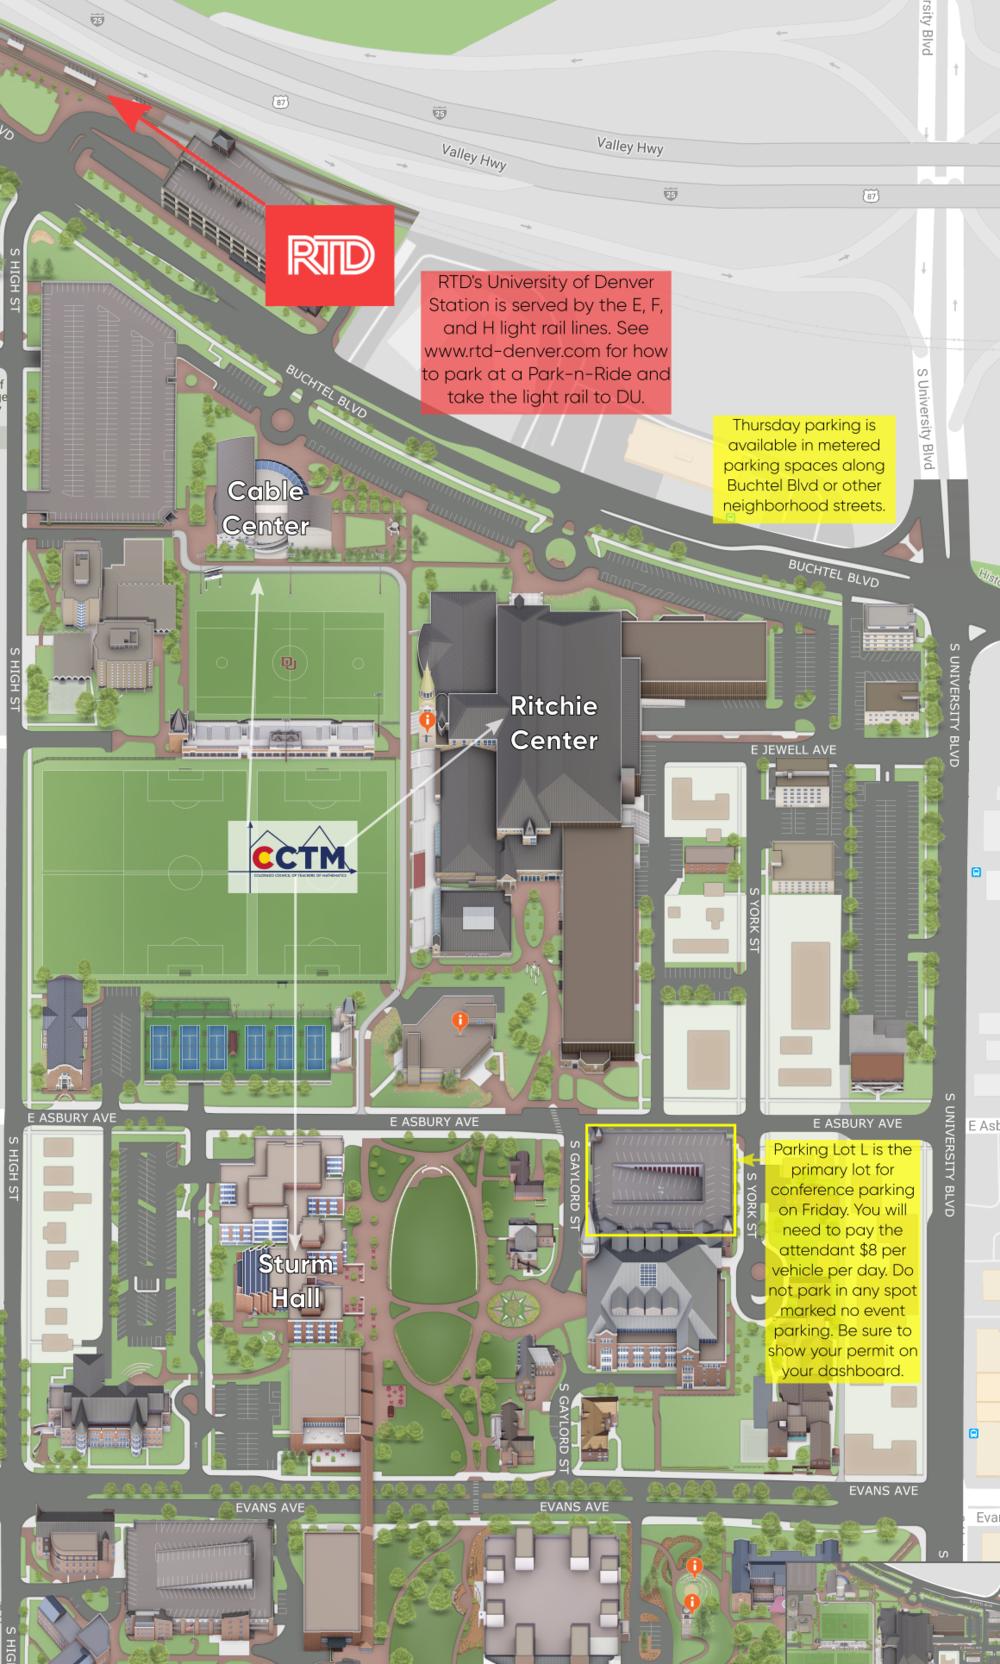 du_campus_map.png